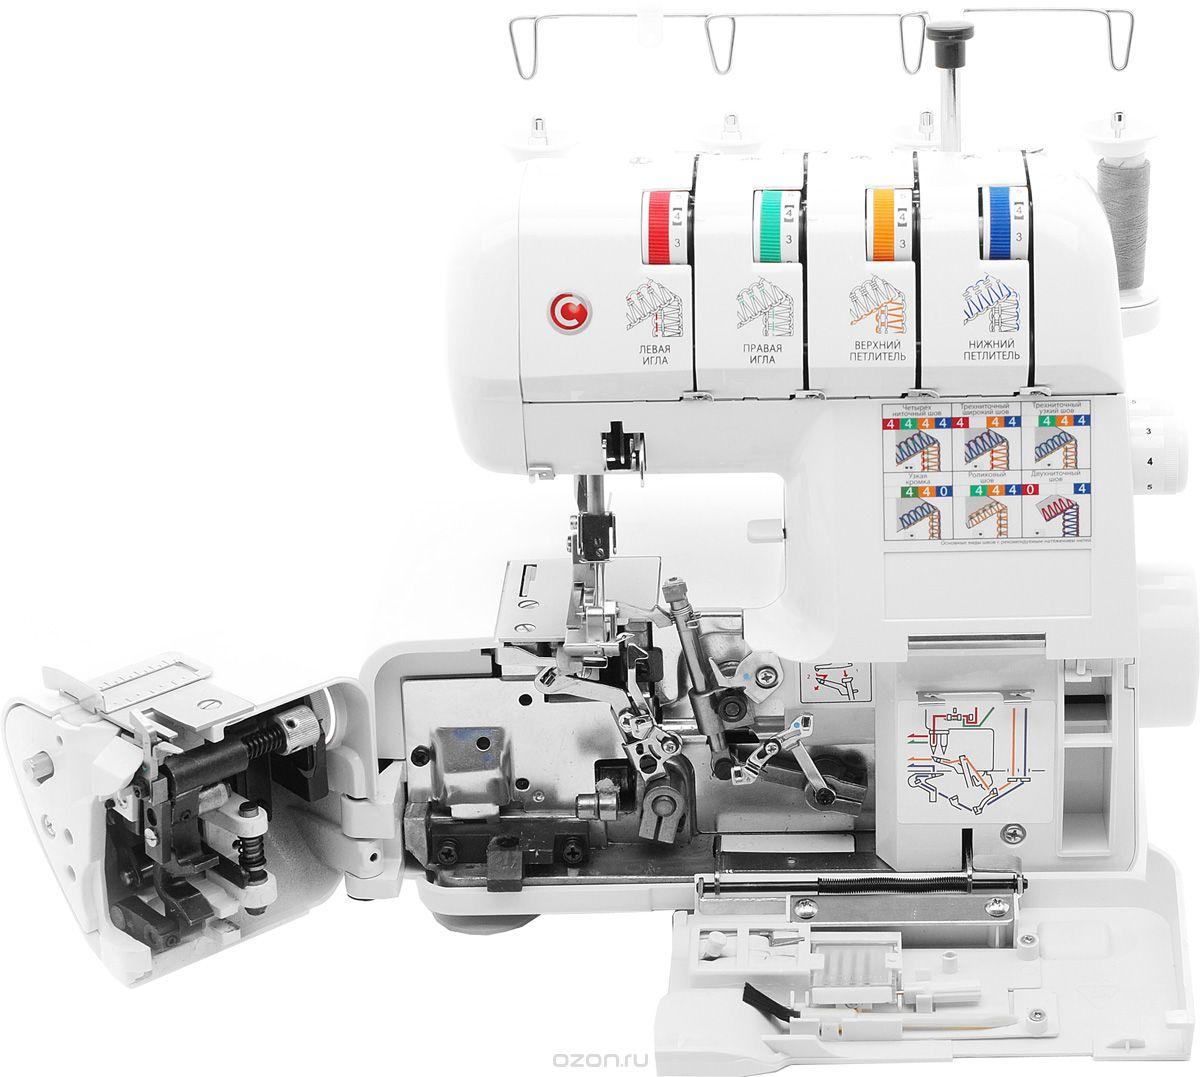 Оверлок Comfort 110 – идеально ровный шов на любой ткани